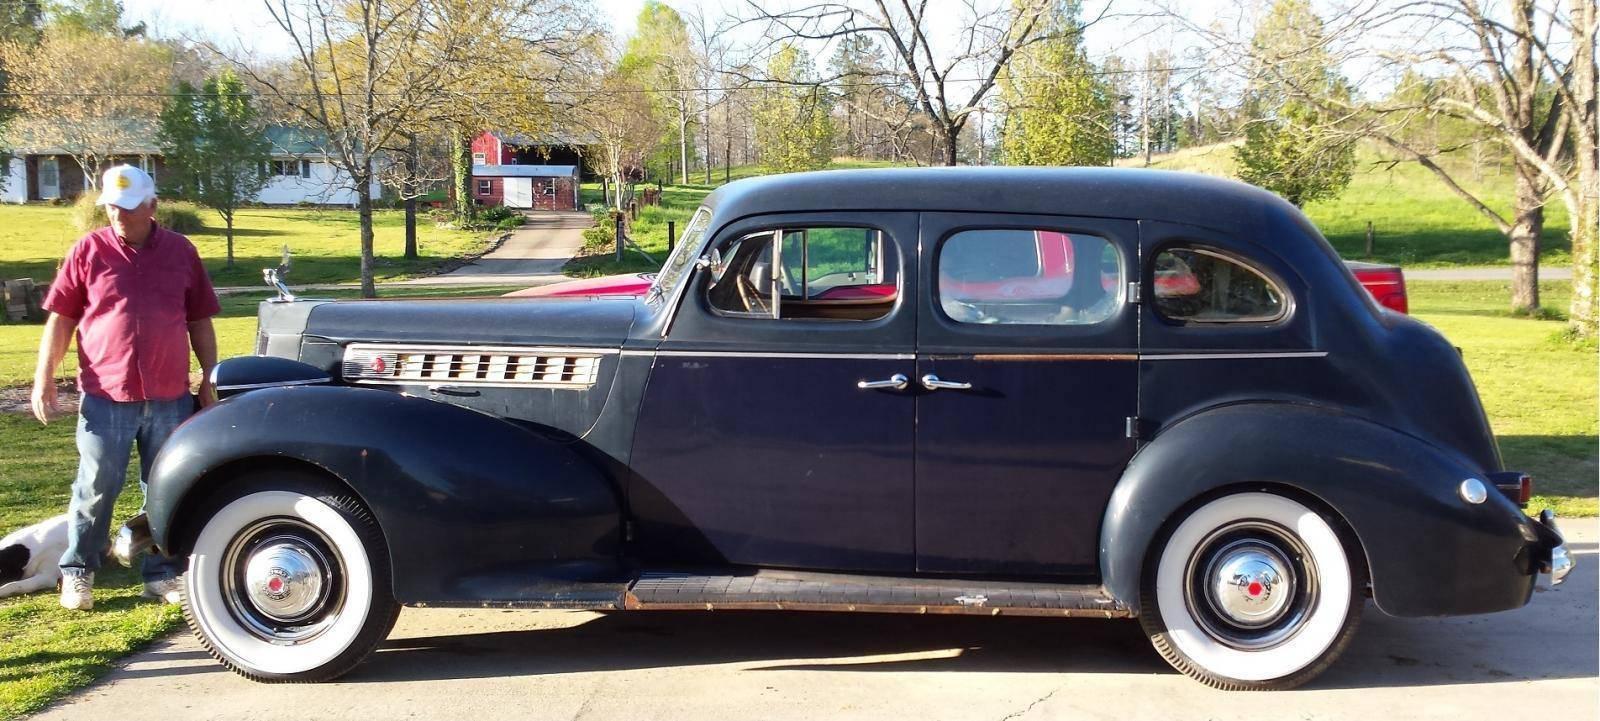 Dean's Car